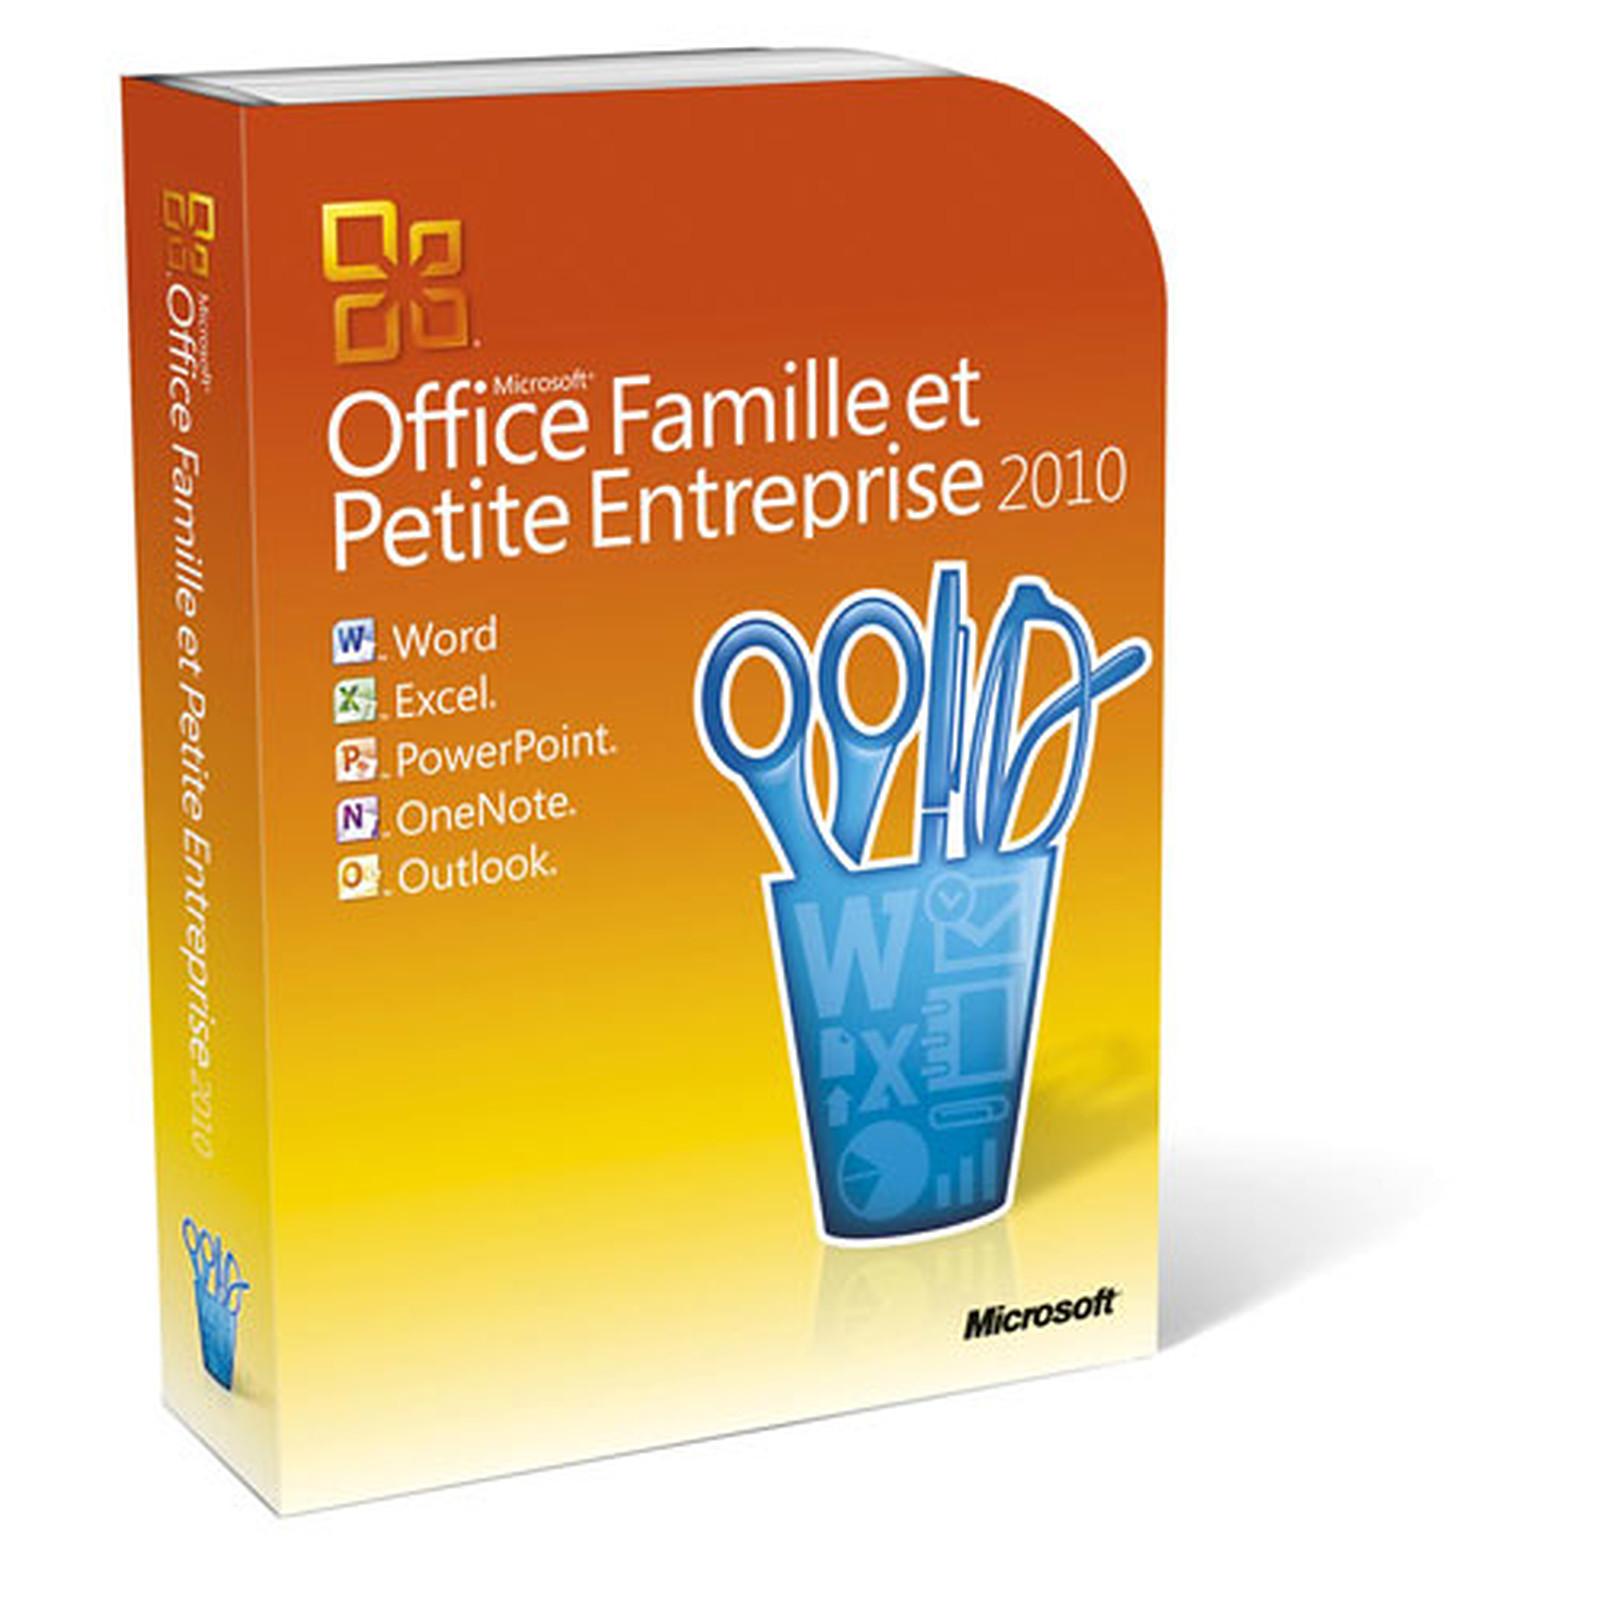 Microsoft Office Famille et Petite Entreprise 2010 - 2 PC / 1 utilisateur (DVD)